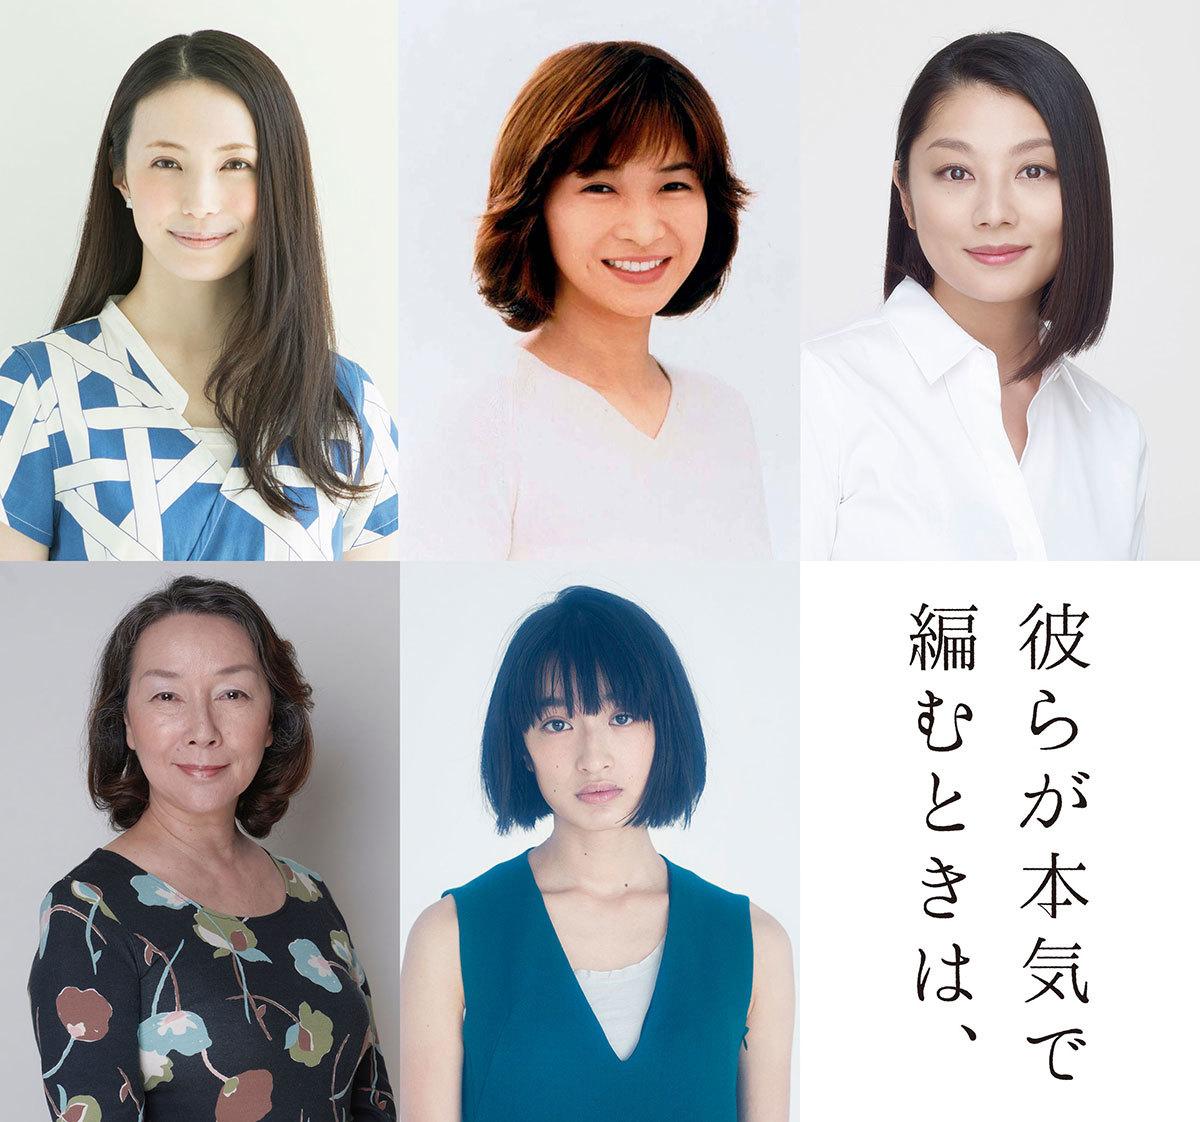 生田斗真主演作にミムラら5人―荻上直子監督が描くトランスジェンダー